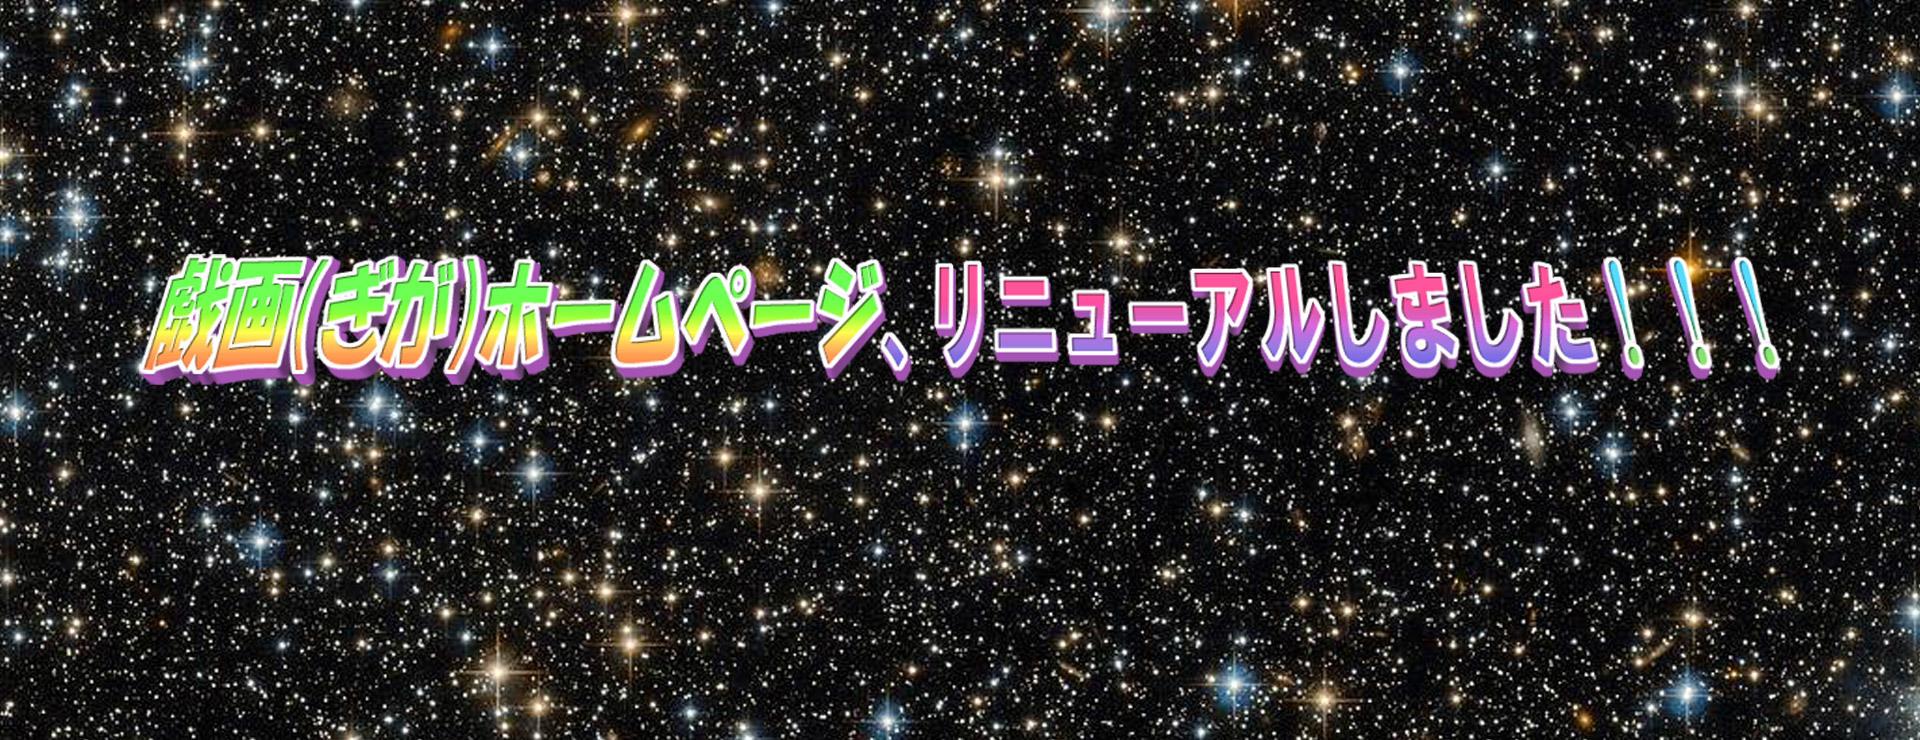 pc_main_0401.jpg